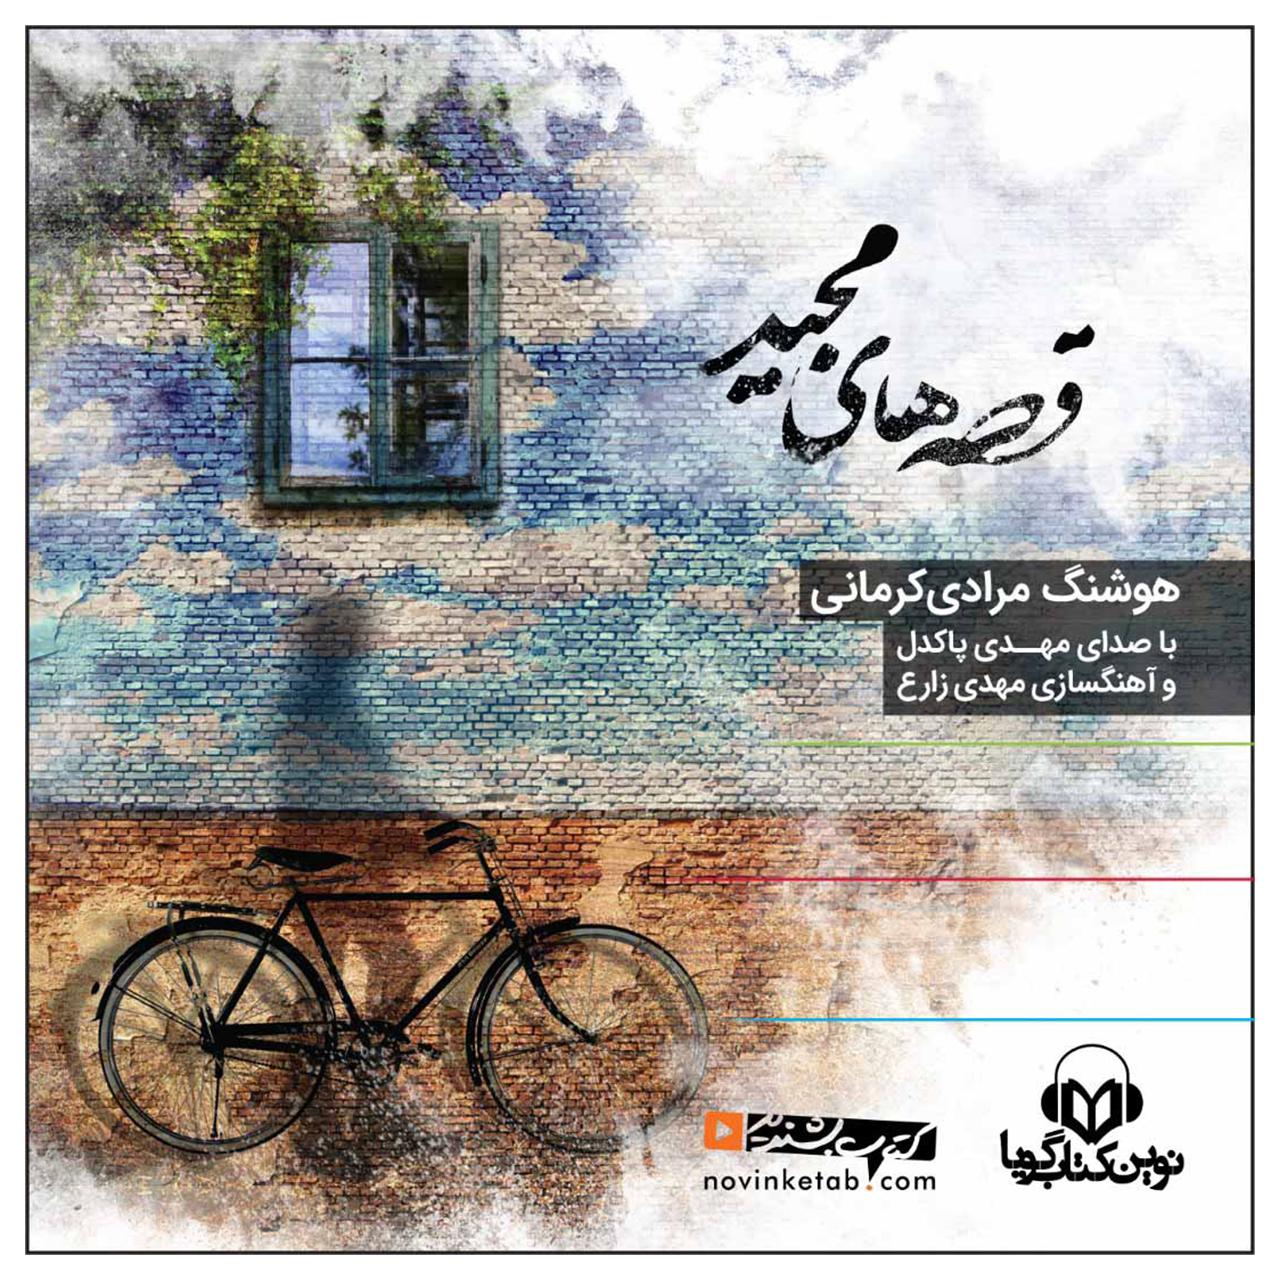 کتاب صوتی قصه های مجید اثر هوشنگ مرادی کرمانی